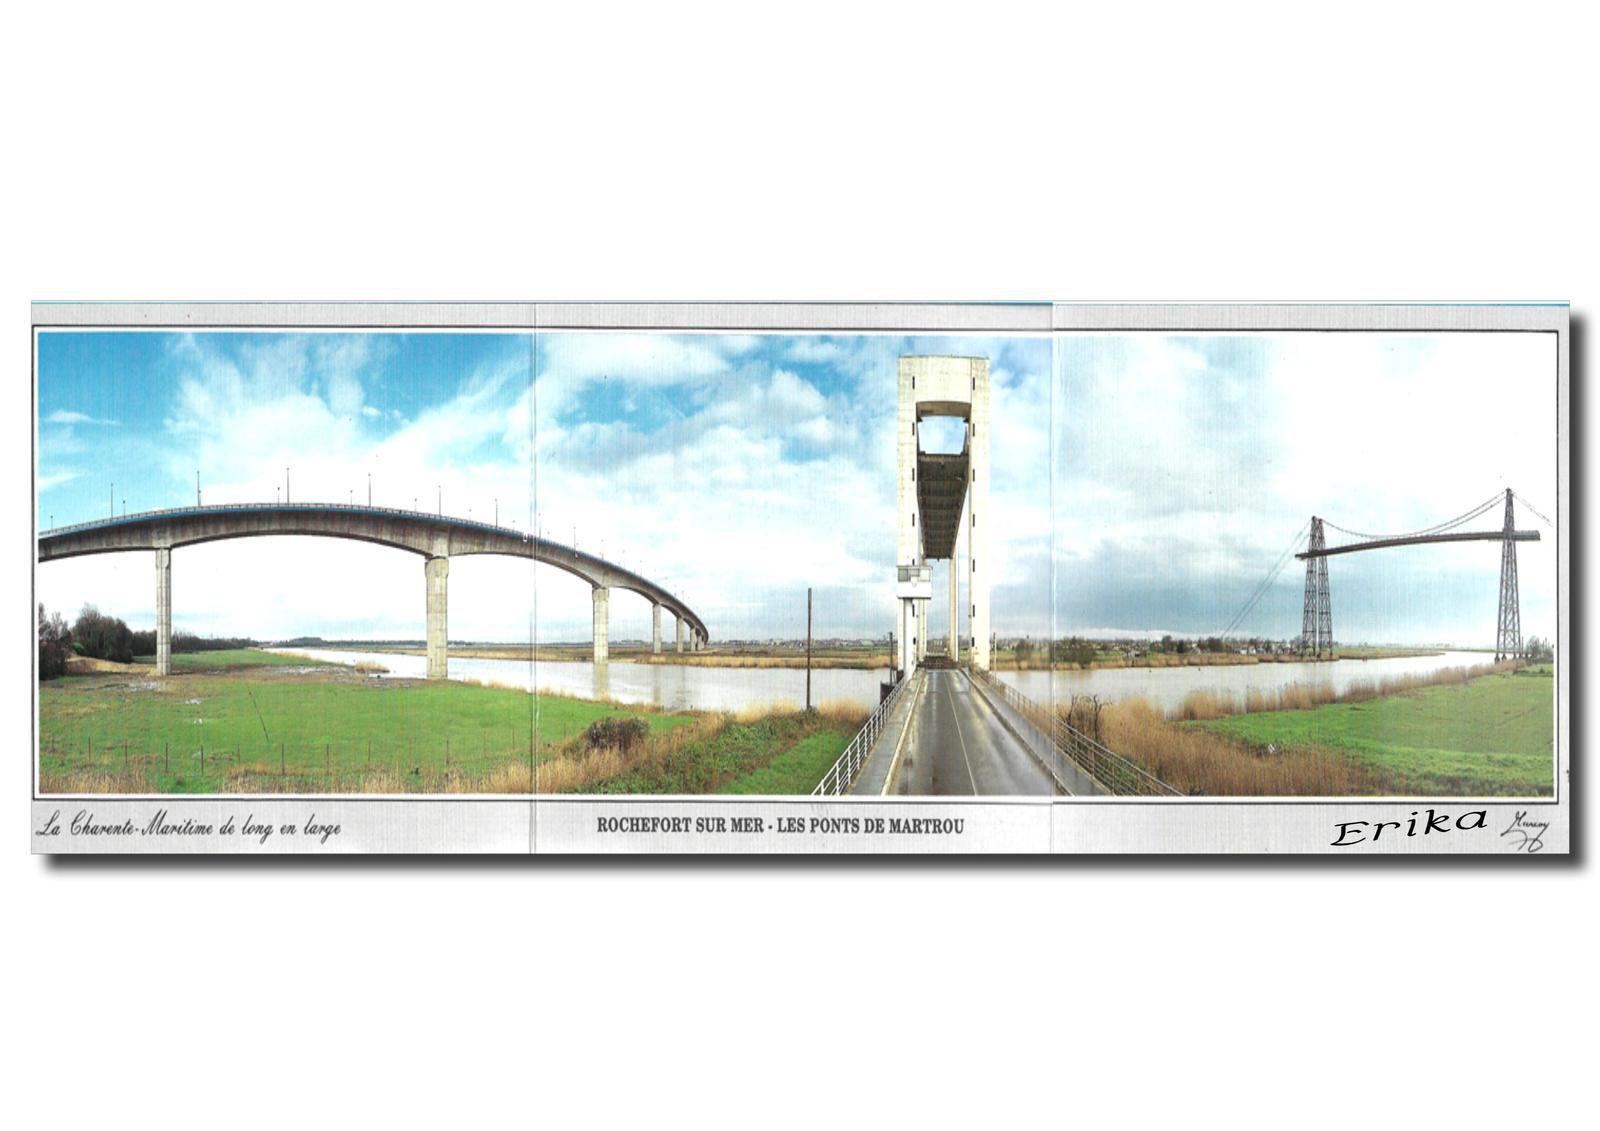 Cartes postales des trois ponts de Martrou avant destruction du pont à travée levante au centre...